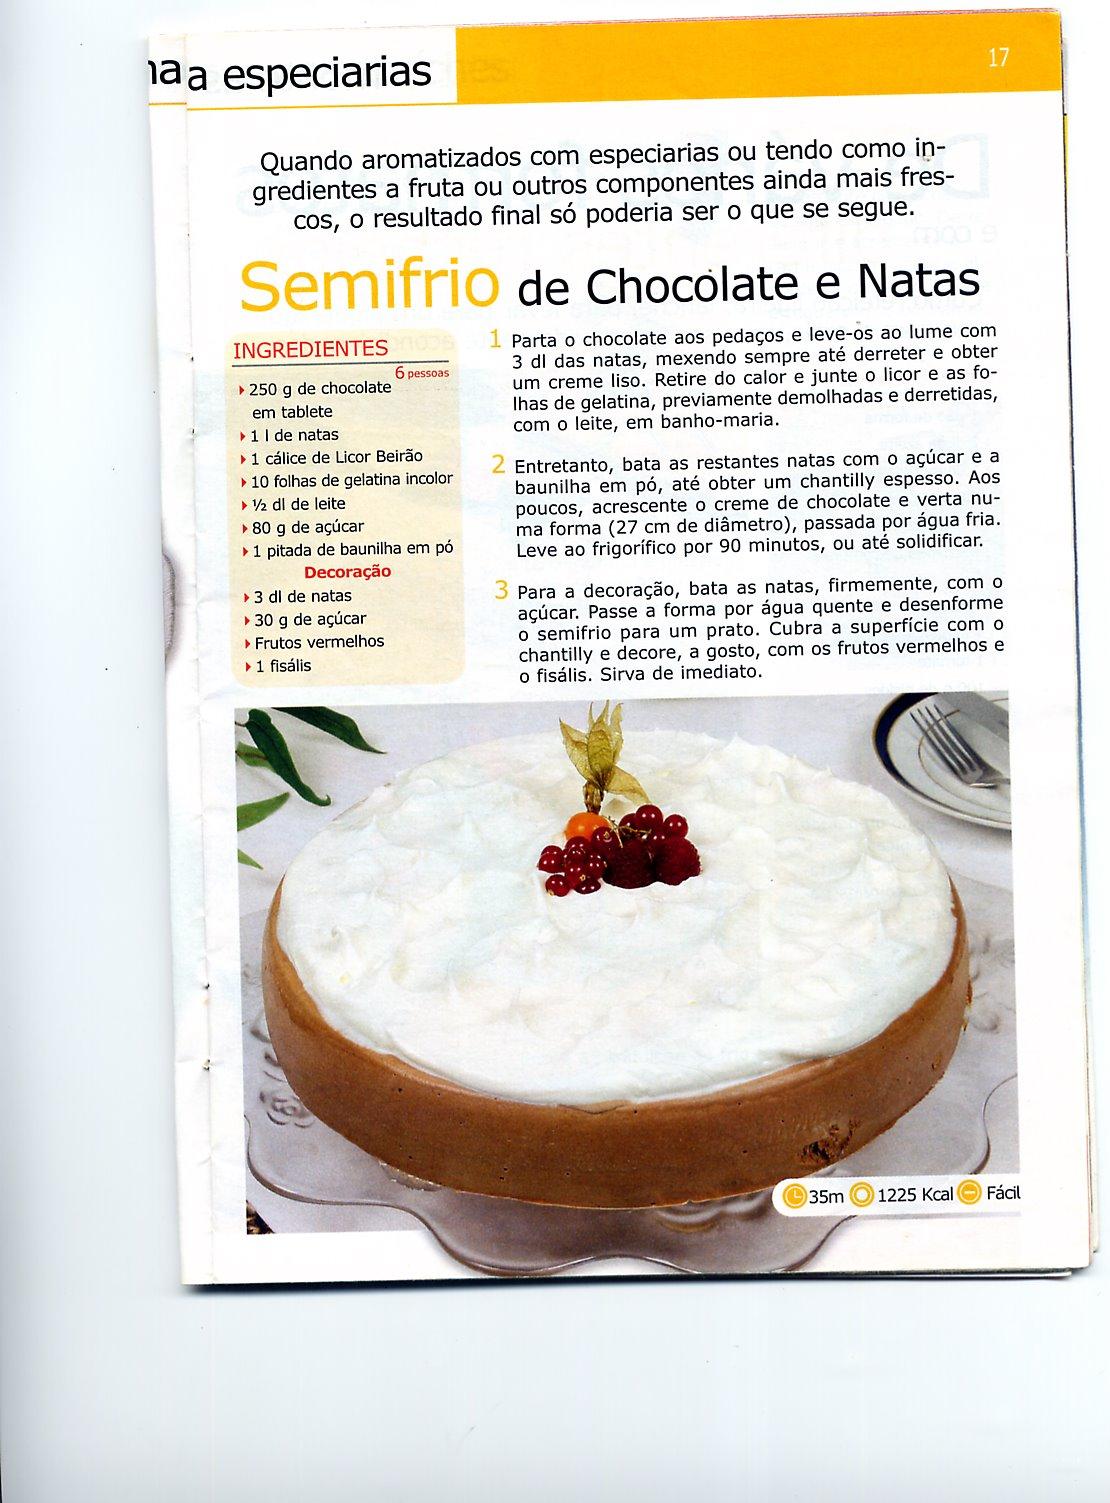 [semifrio+de+chocolate+e+natas.BMP]